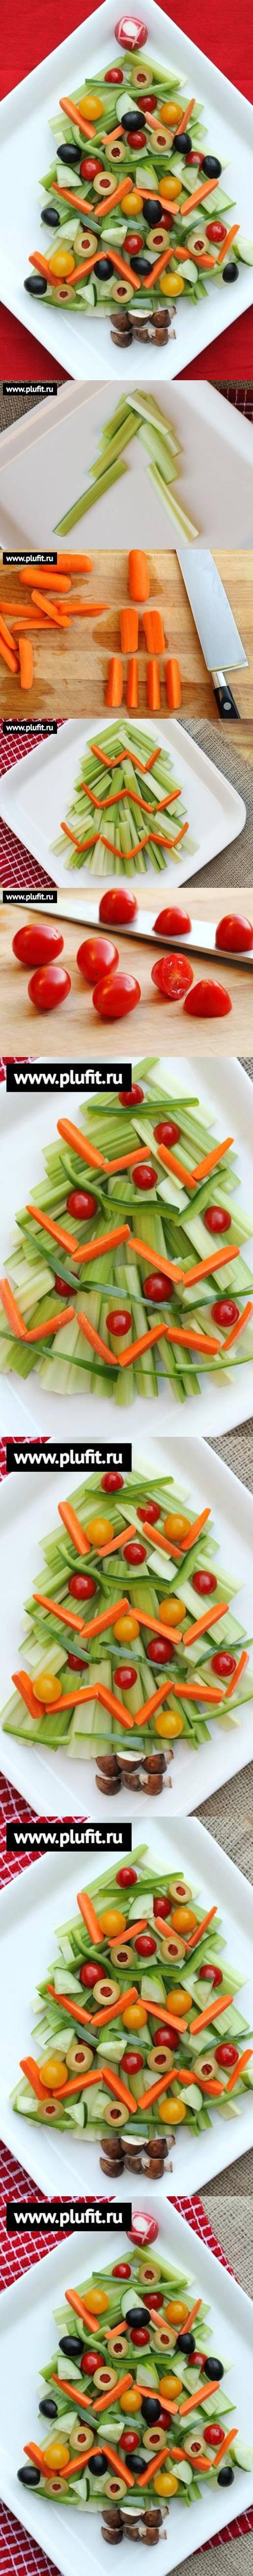 Árbol de Navidad de vegetales